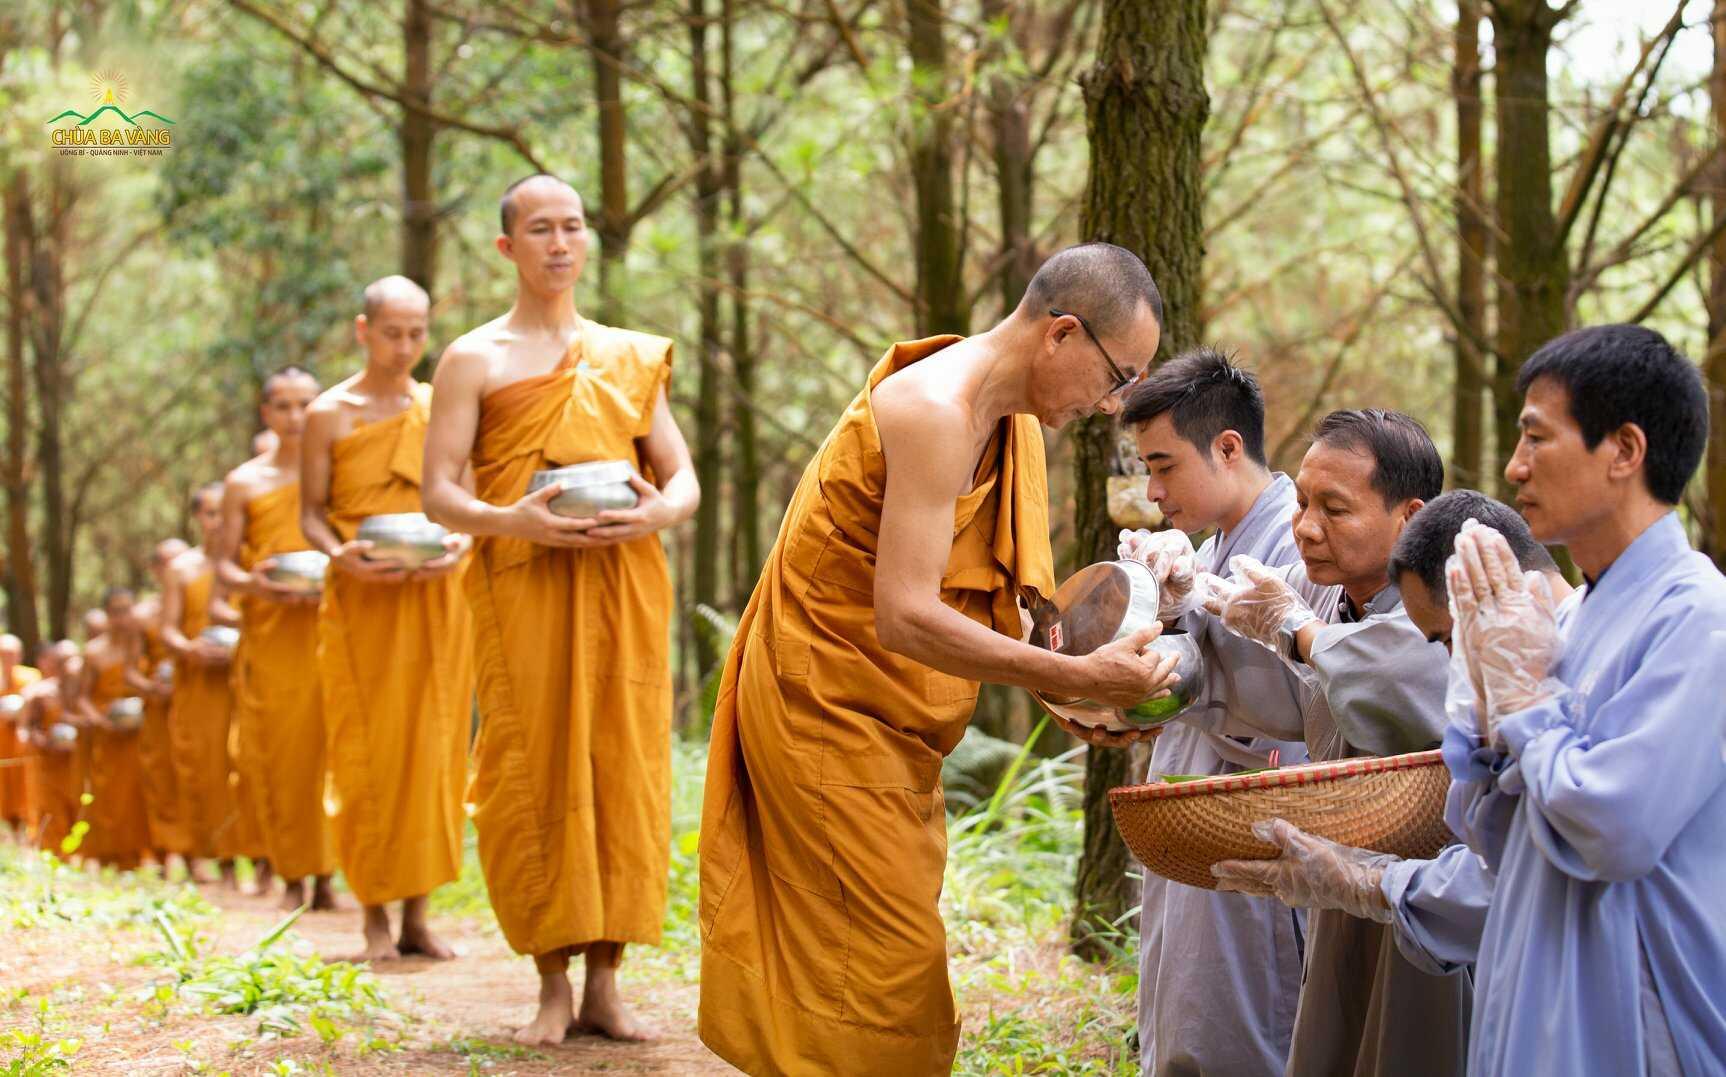 Phật tử cúng dường Tăng đoàn báo đền Tứ trọng ân - n quốc gia, nguyện cầu đất nước thái hòa, bình an